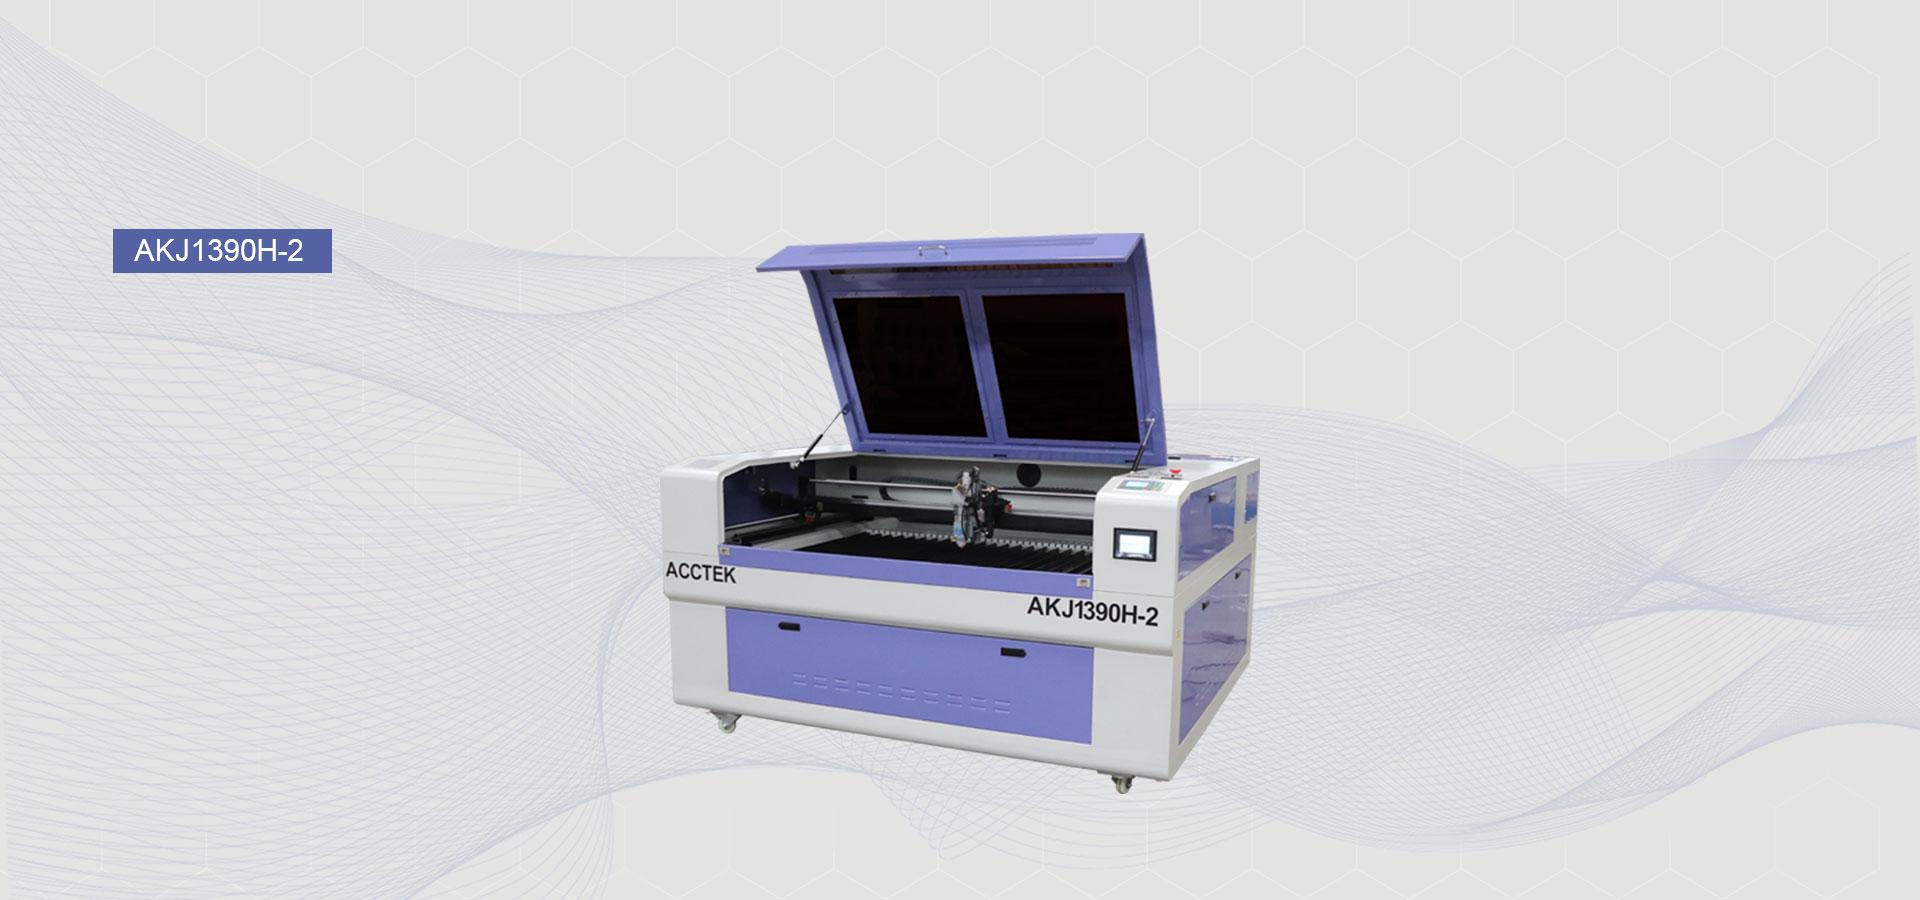 AKJ1390H-2